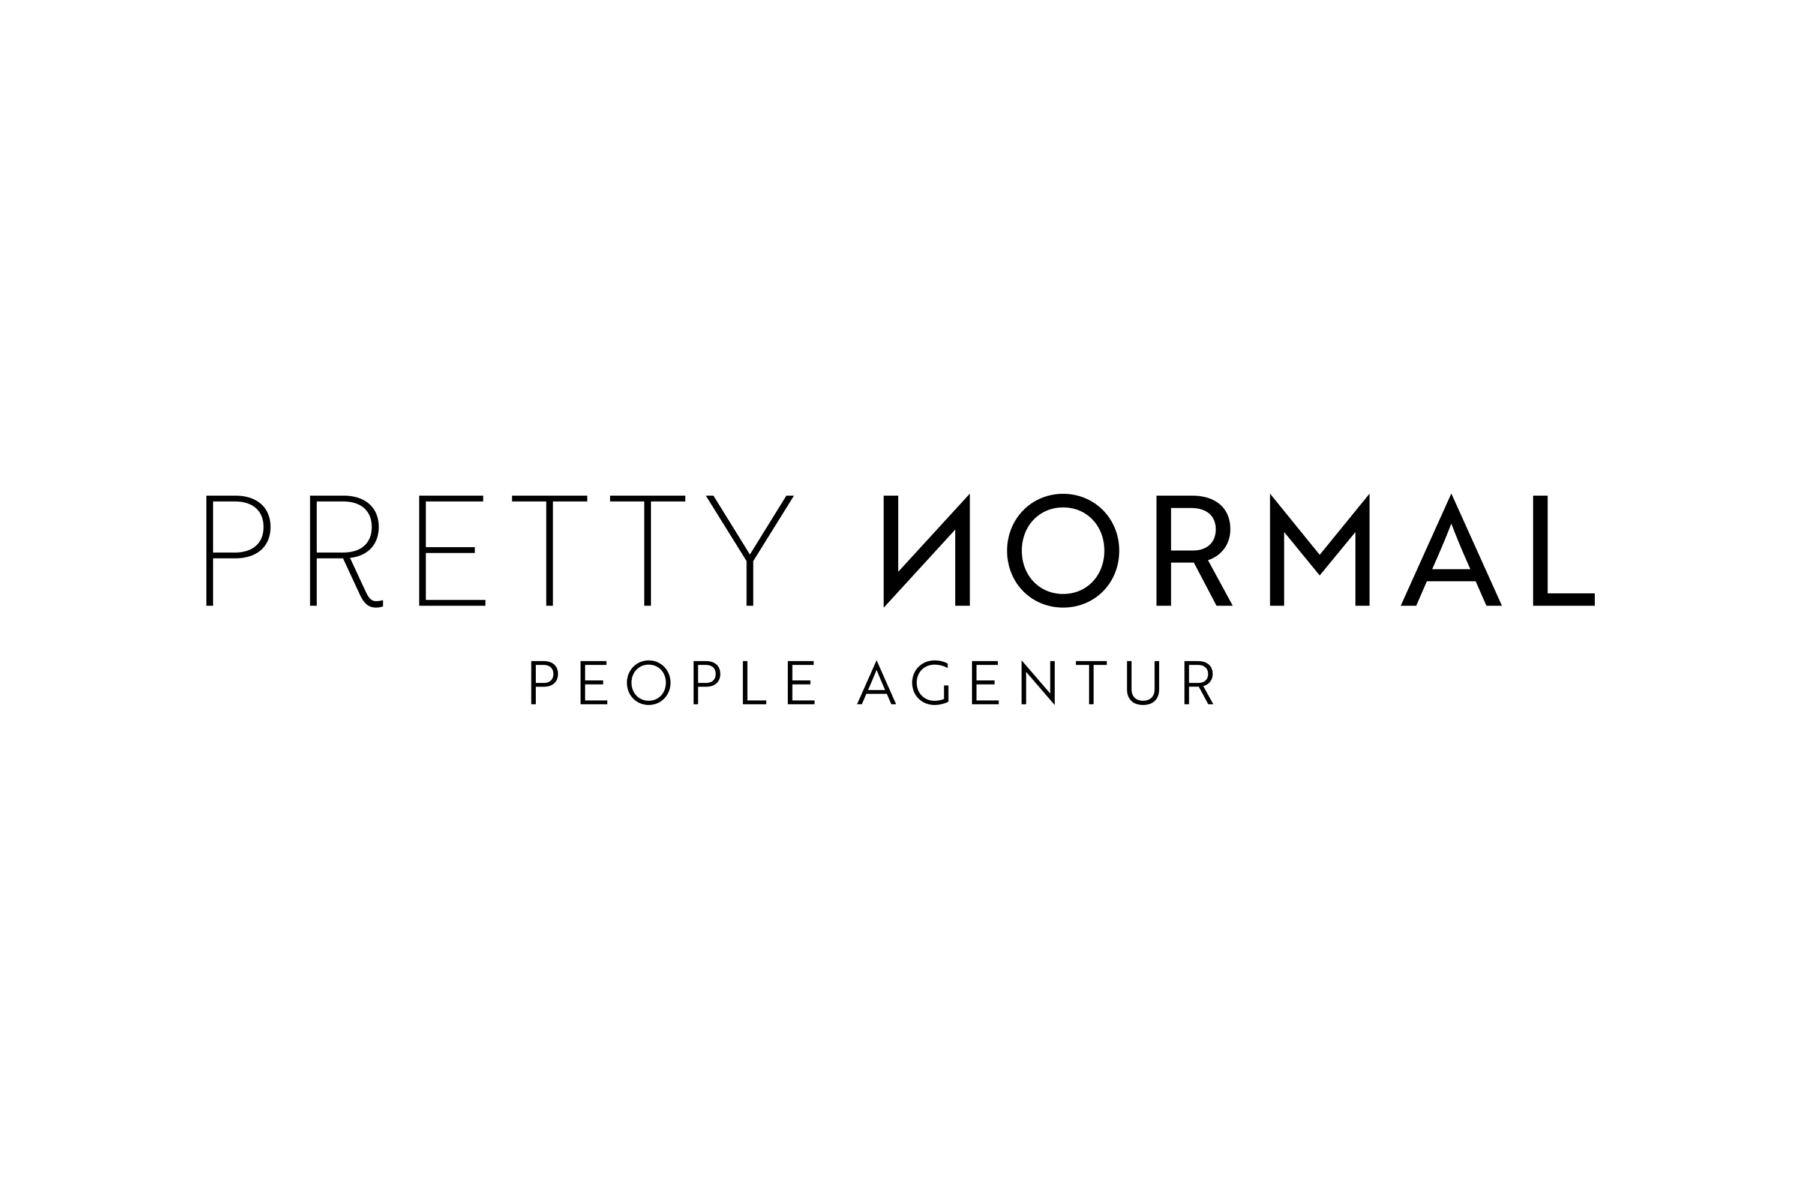 logo prettynormal 3000x2000 1